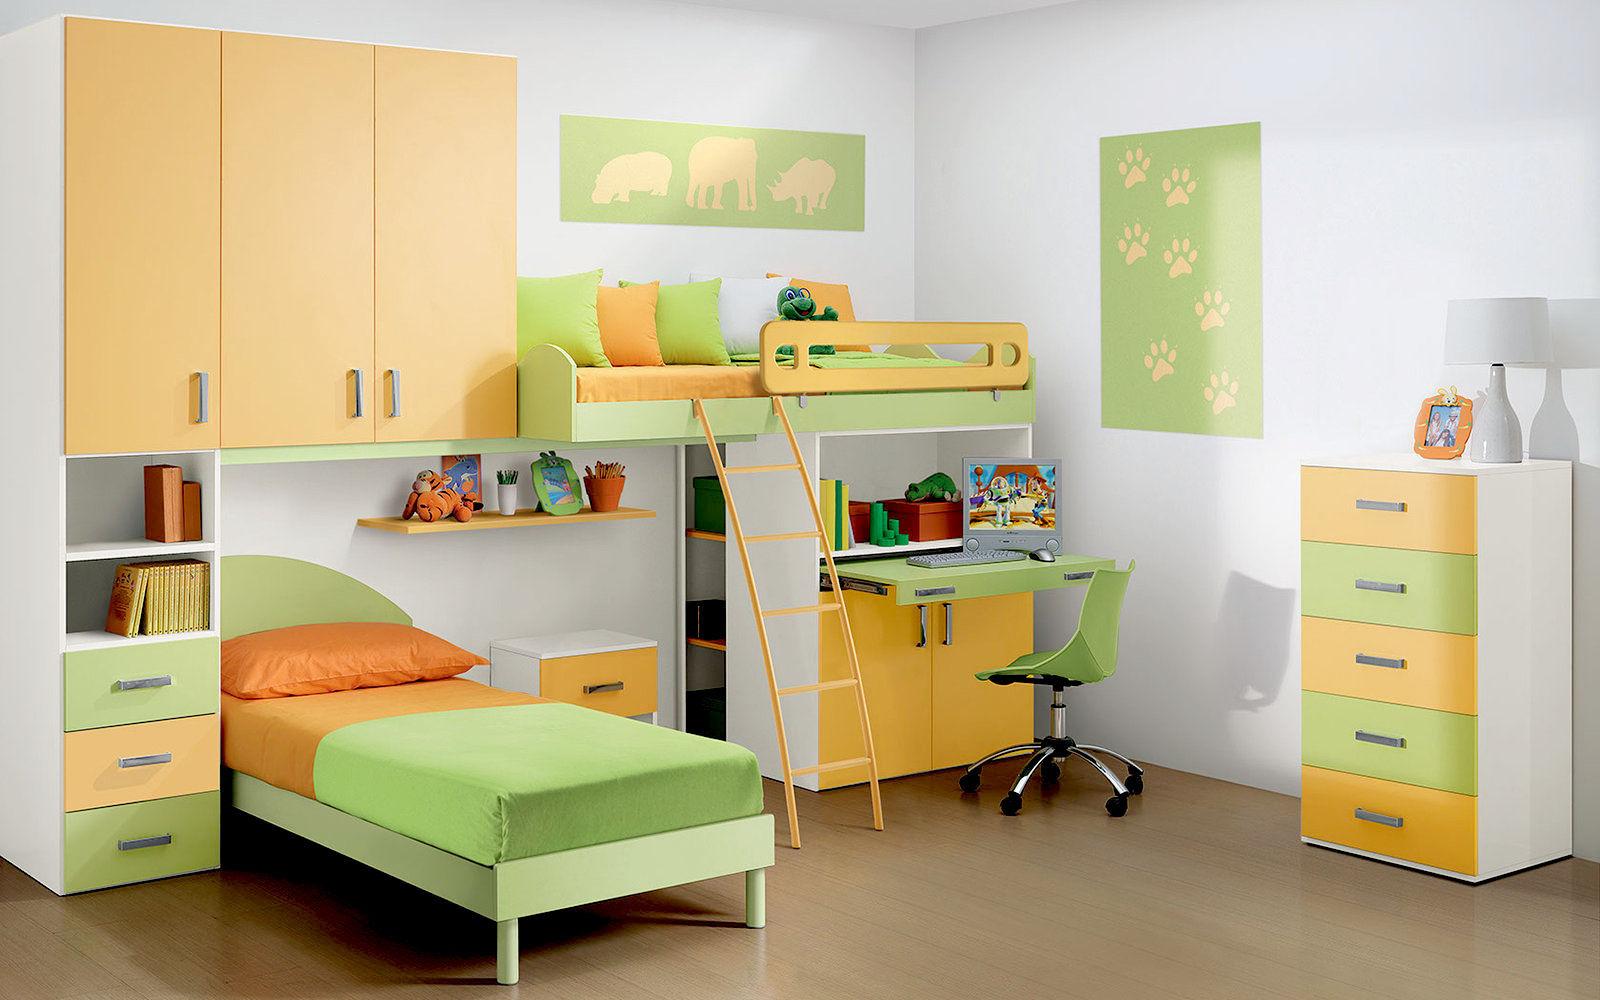 Camerette per bambini su misura firenze